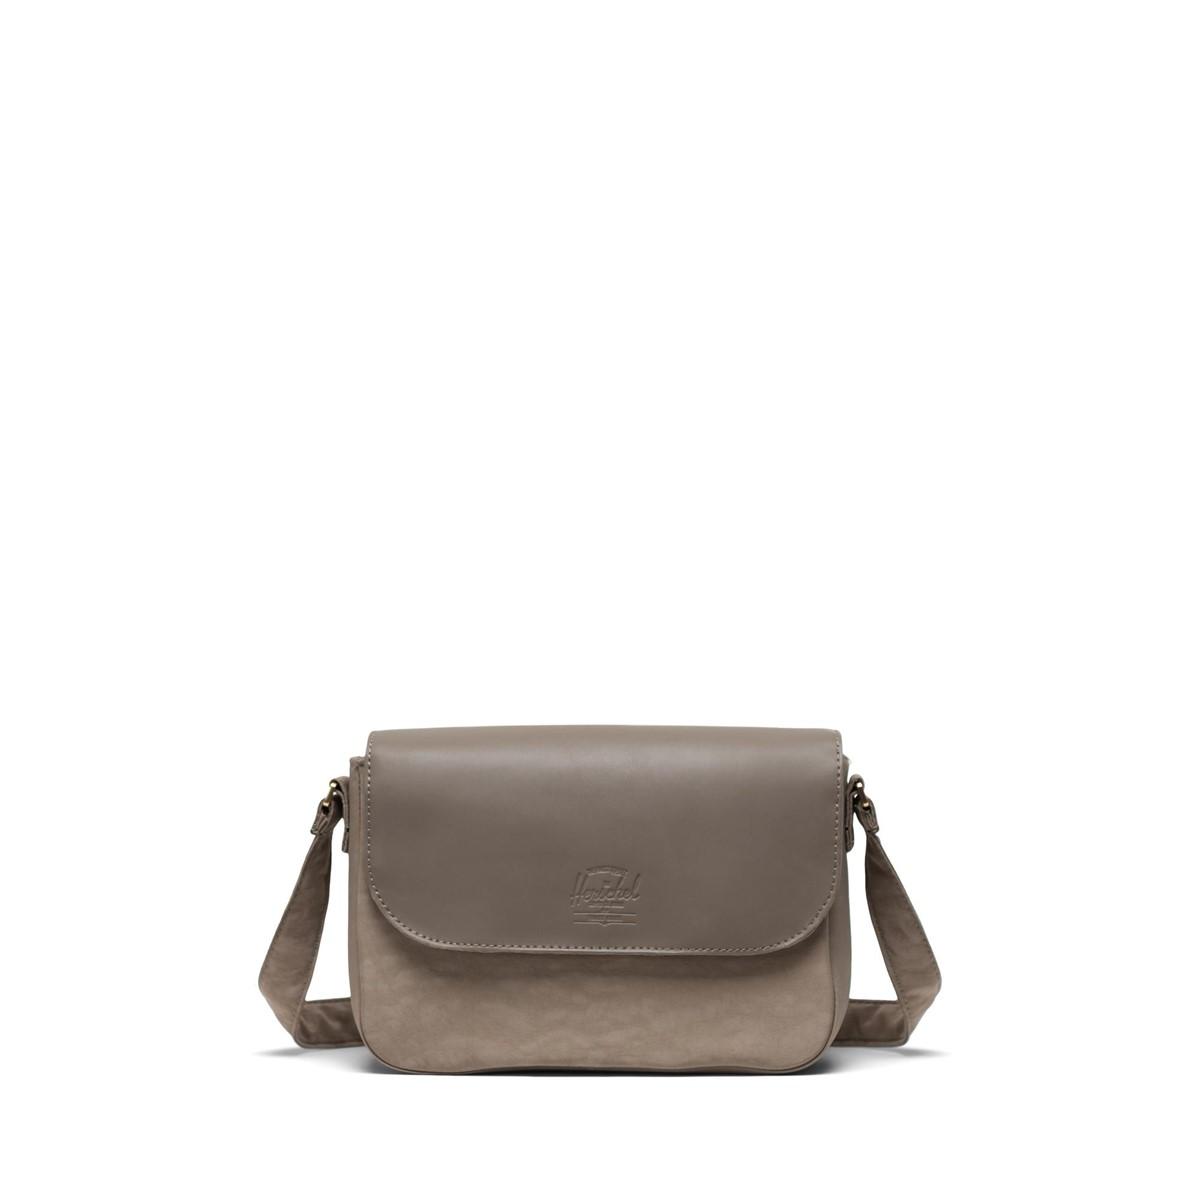 Orion Handbag in Beige